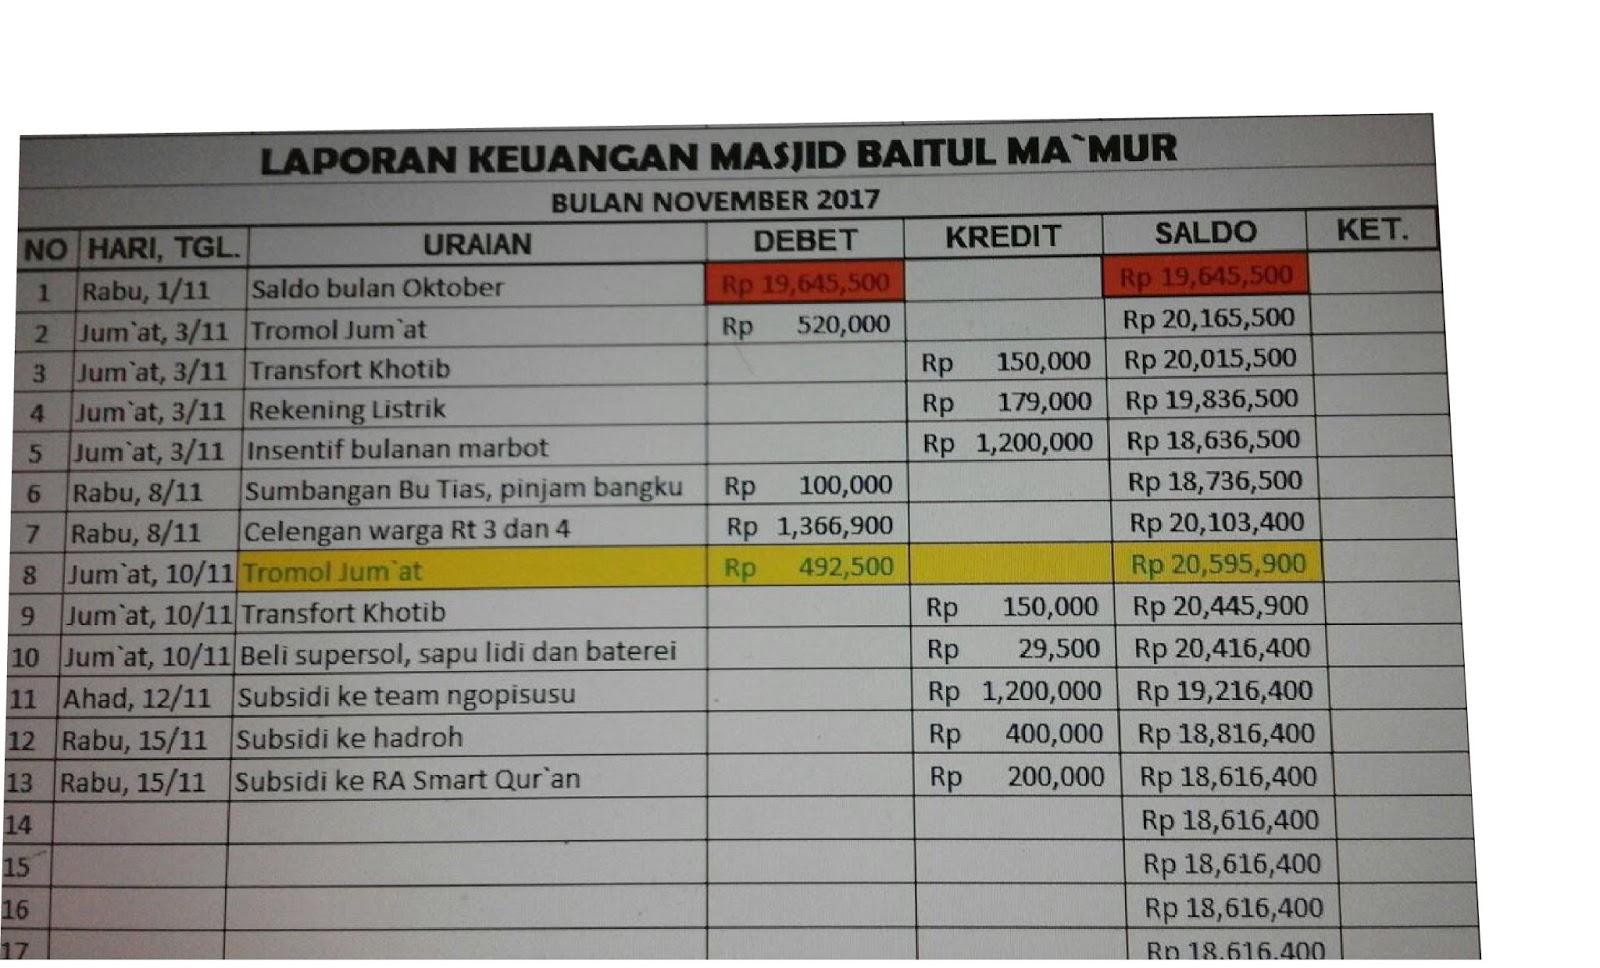 Laporan Keuangan Dkm Masjid Baitul Ma Mur Jumat 17 November 2017 Dkm Baitul Makmur